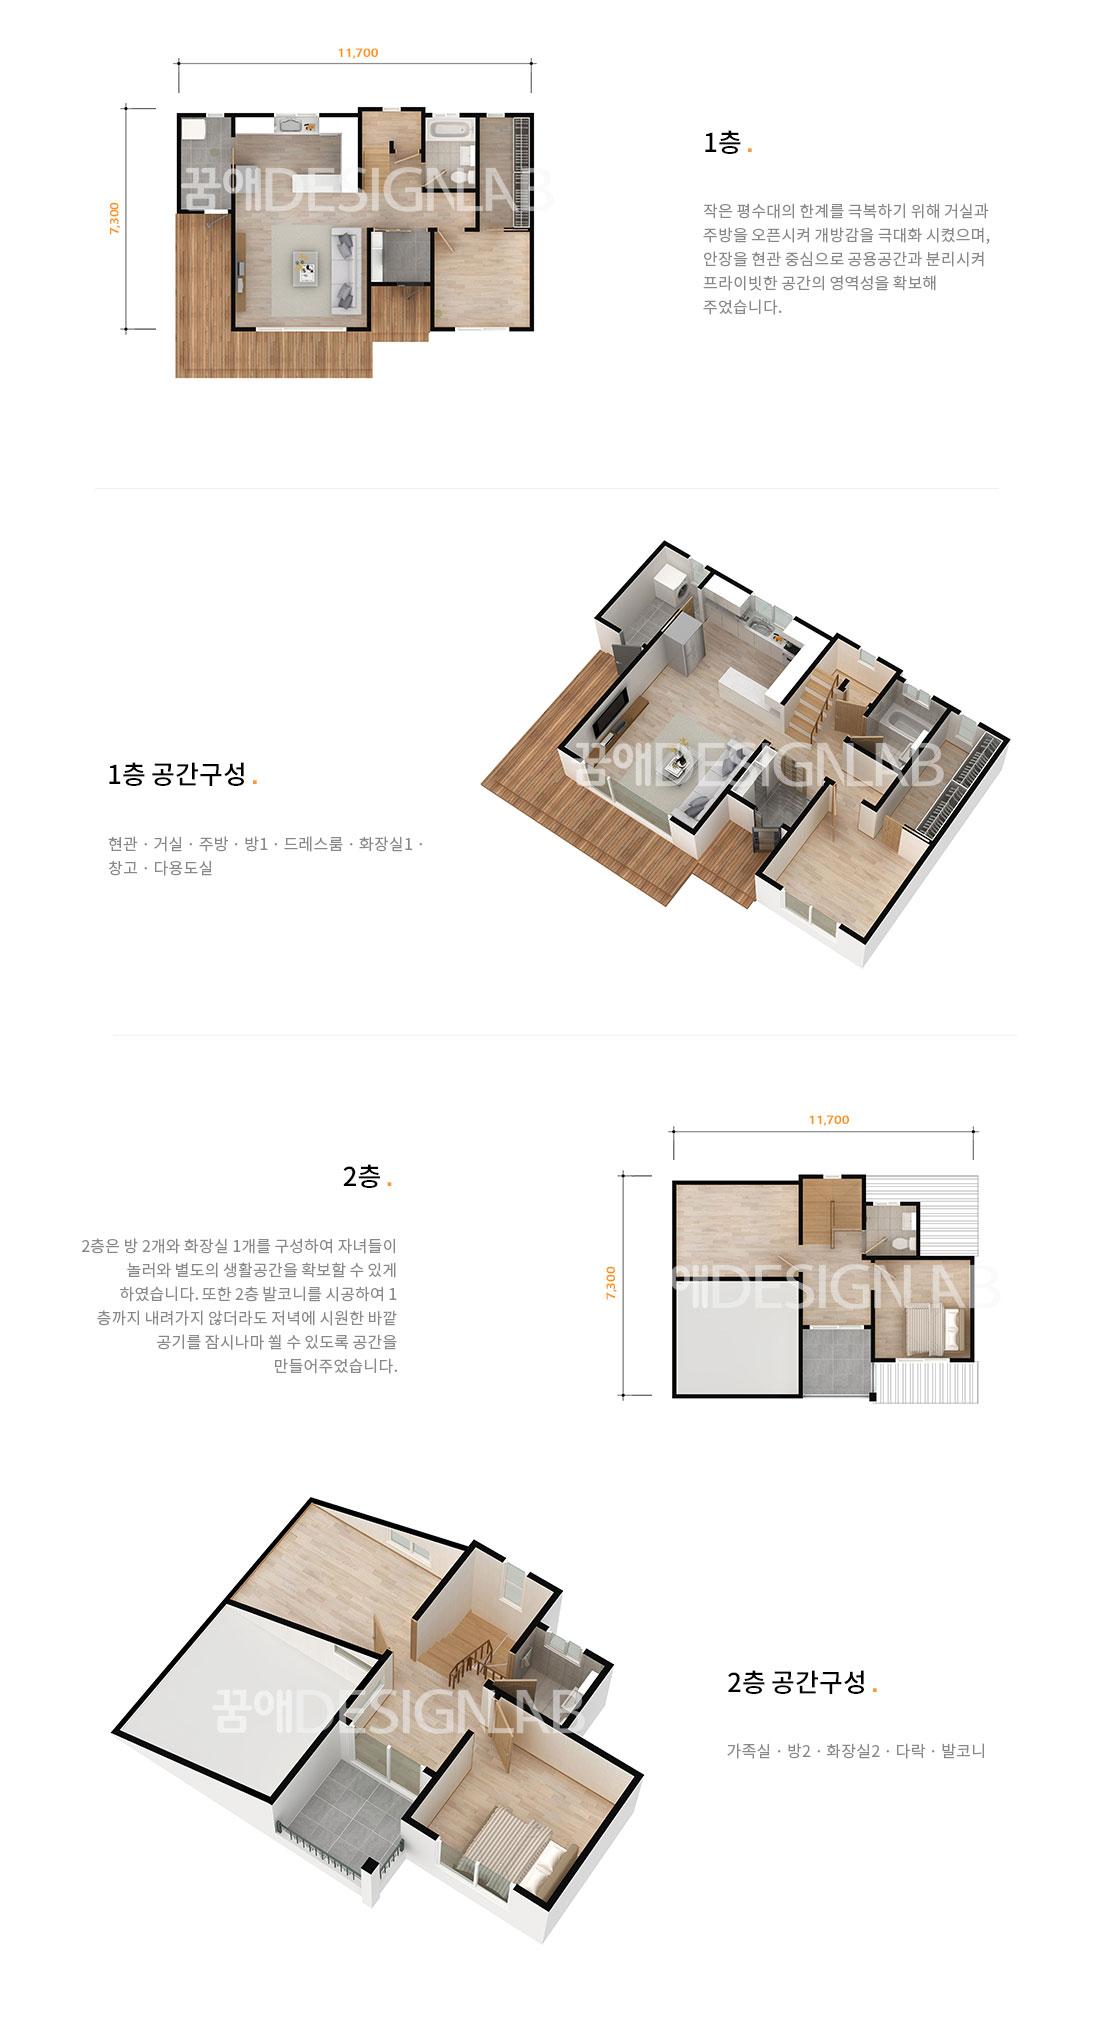 house003_170331_02.jpg